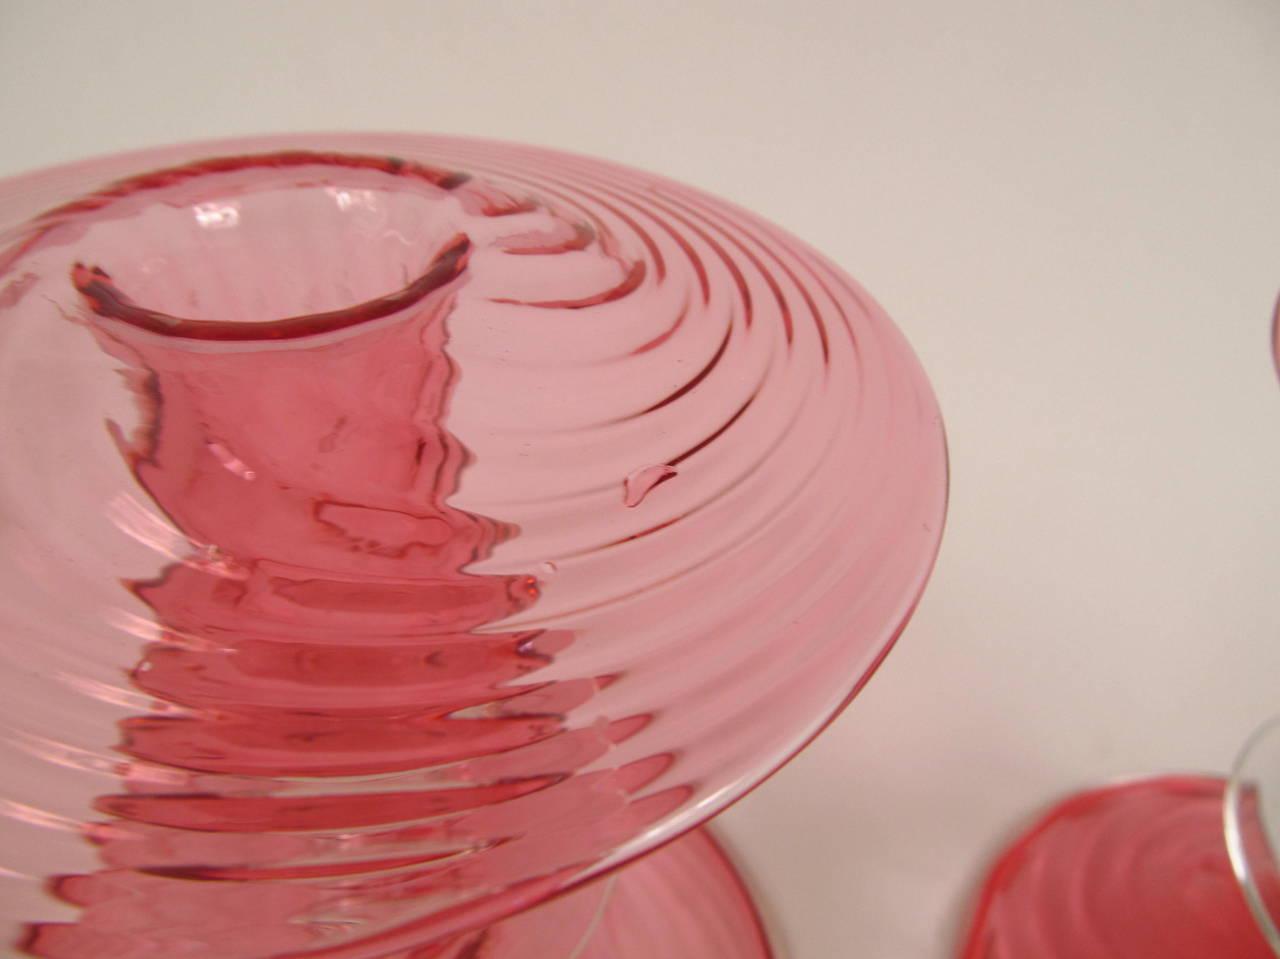 Pair of Steuben Cranberry Glass Candlesticks 6